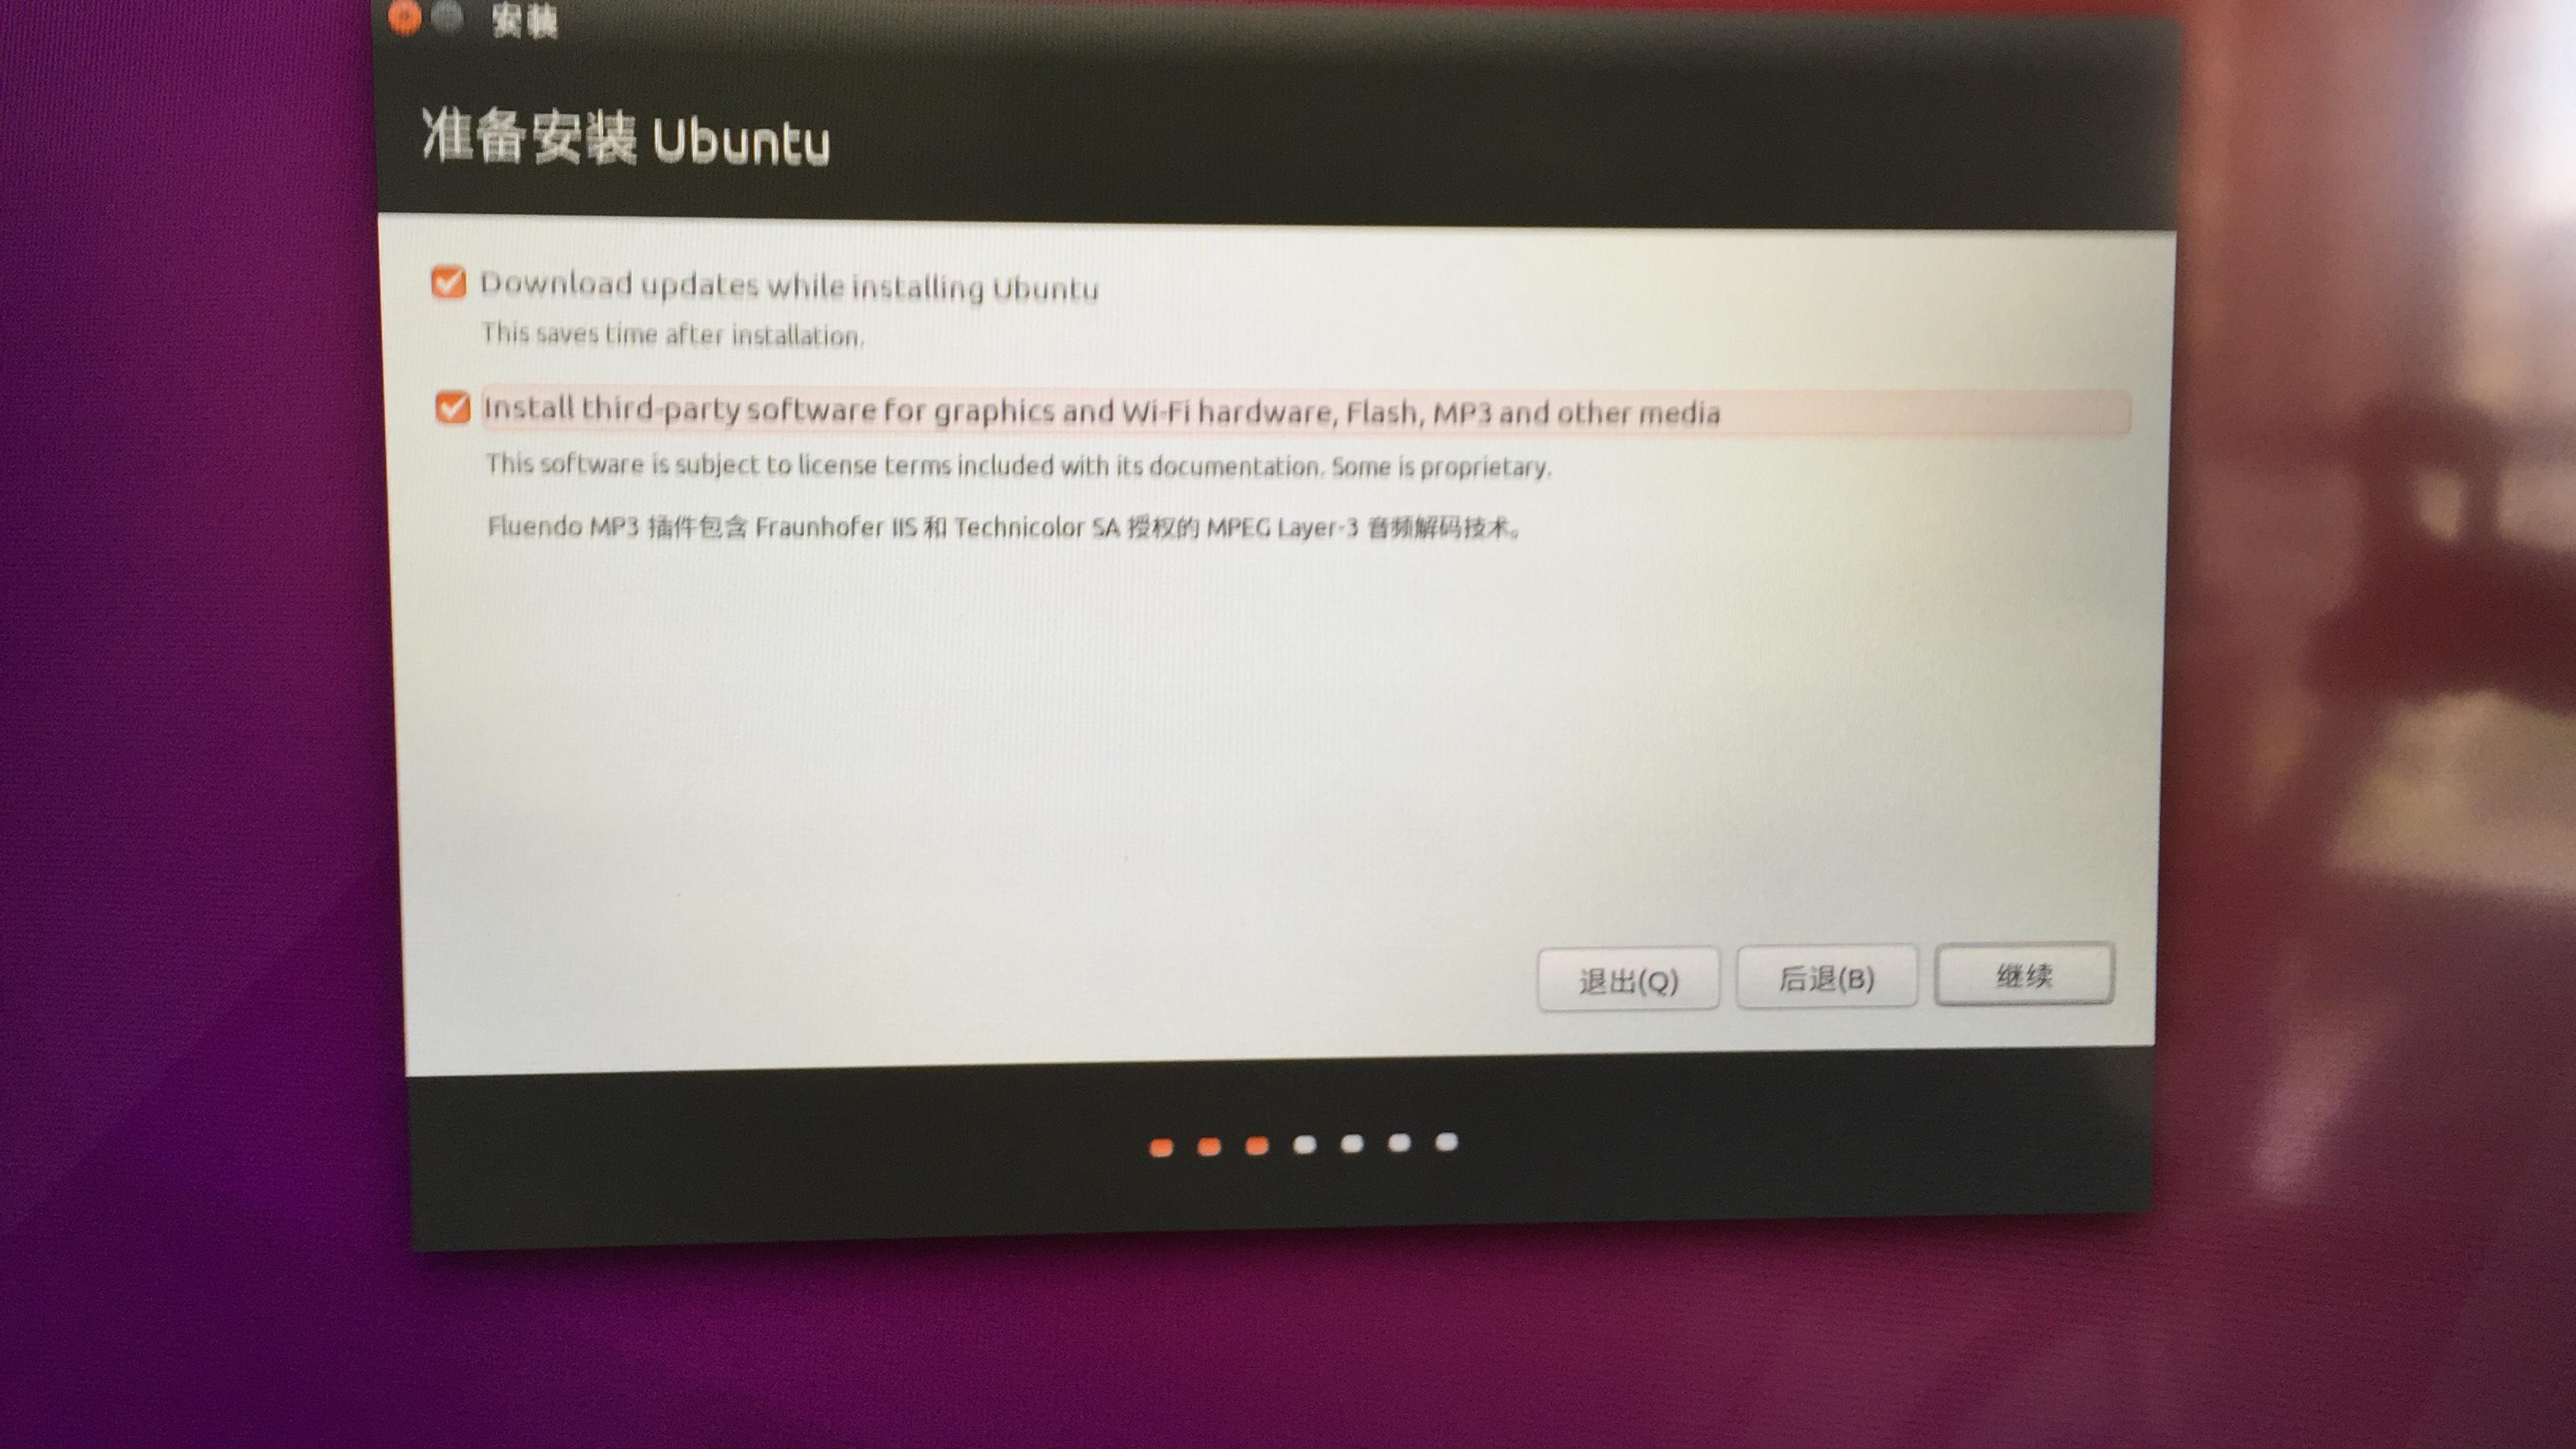 准备安装Ubuntu